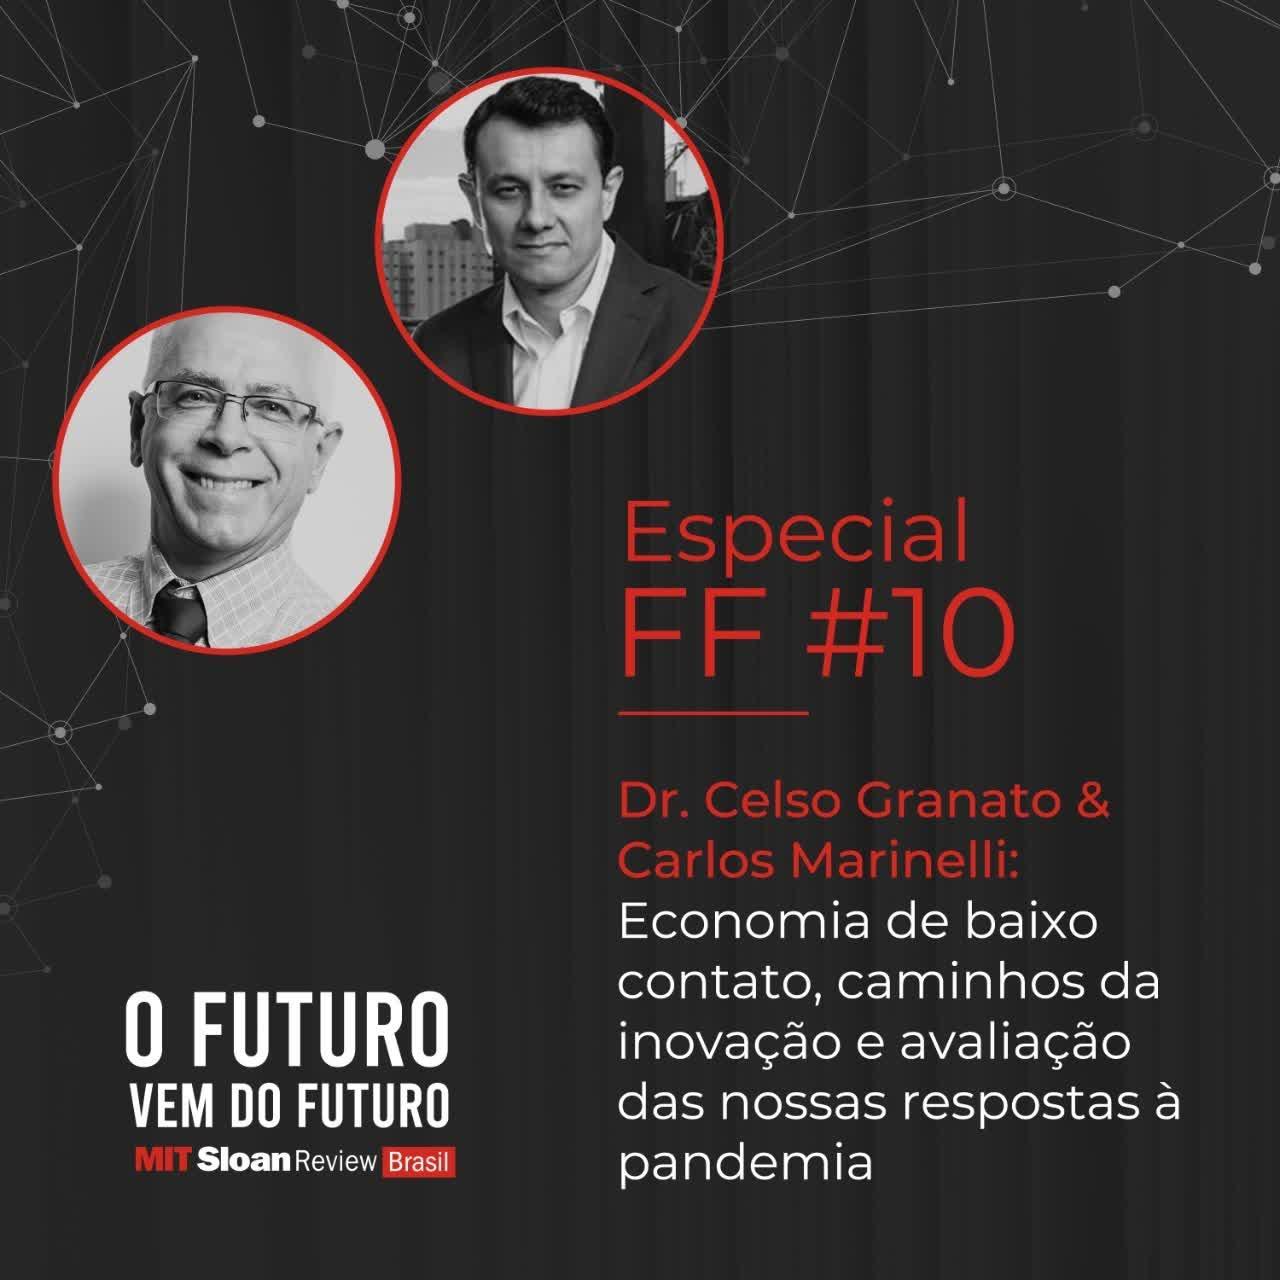 #10 - Dr. Celso Granato & Carlos Marinelli: Economia de baixo contato, caminhos da inovação e avaliação das nossas respostas a pandemia